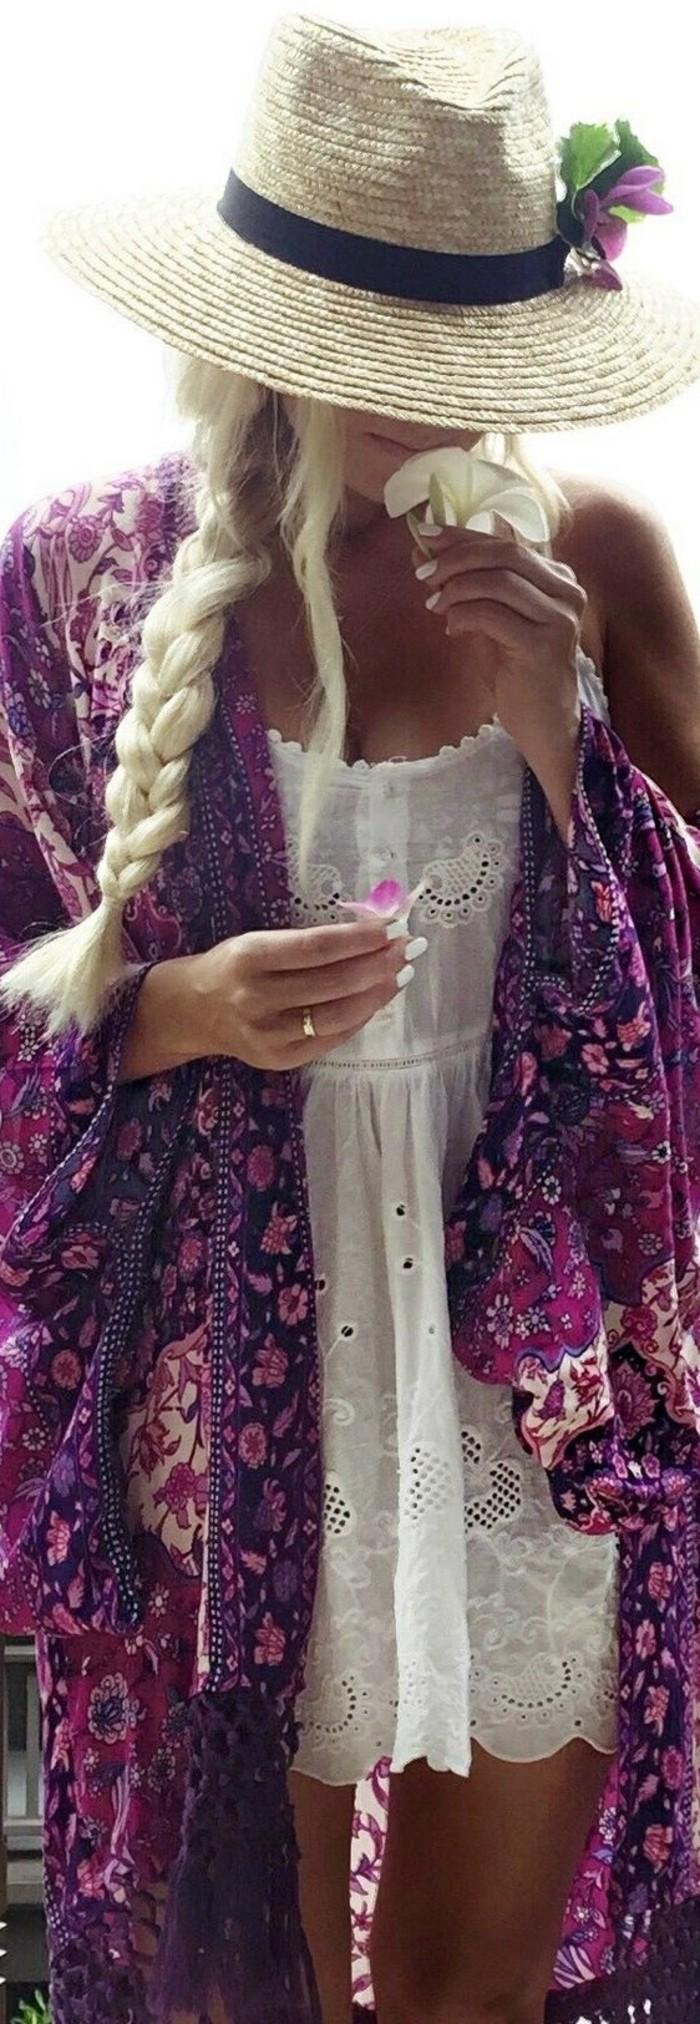 la-haute-couture-kimono-pour-veste-ete-2016-cool-tenue-tendance-femme-jolie